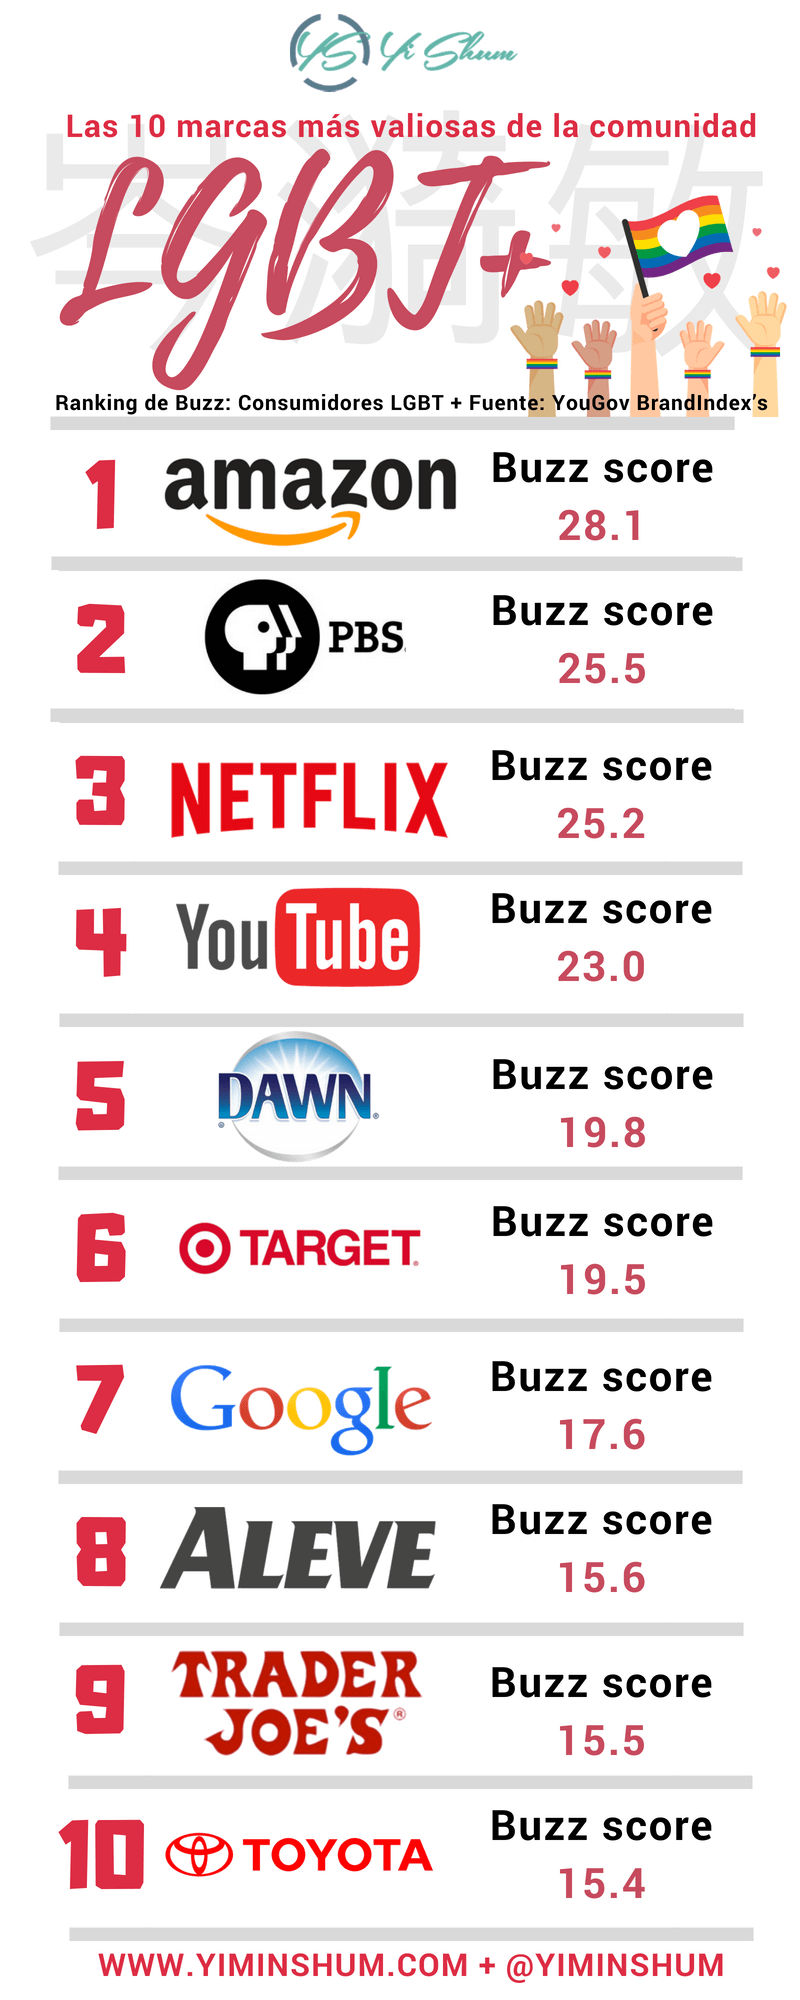 10 marcas más valiosas de la comunidad LGTB+